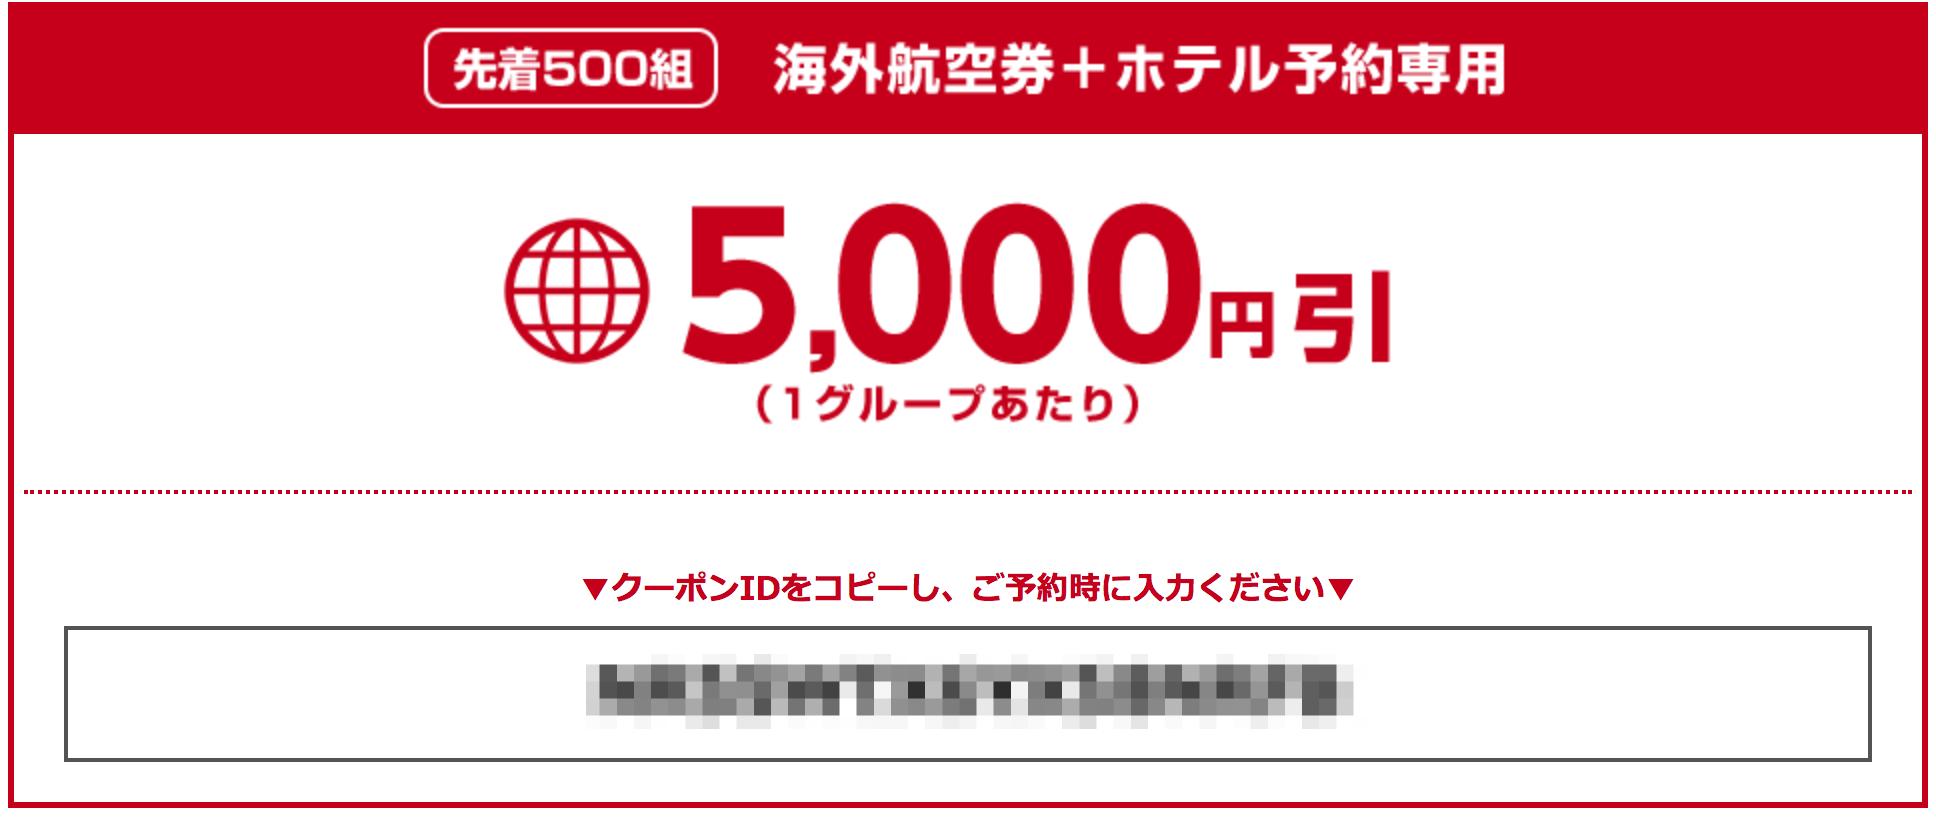 HISの【先着500組!】海外航空券+ホテルの5,000円割引クーポン